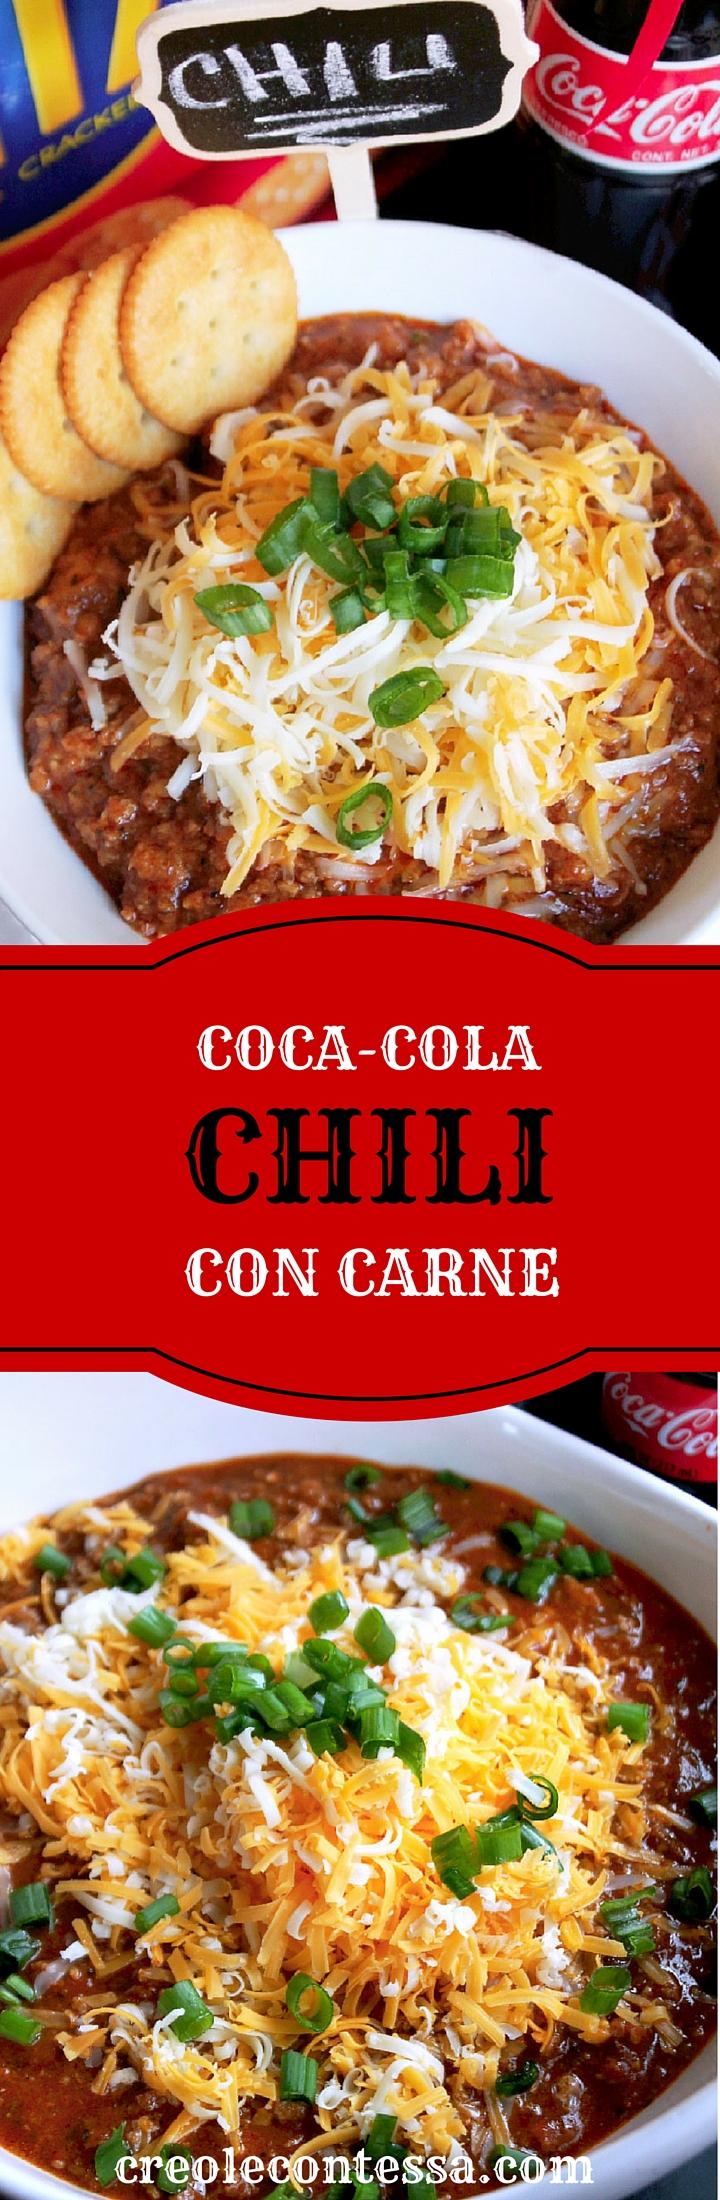 Coca-Cola Chili Con Carne-Creole Contessa